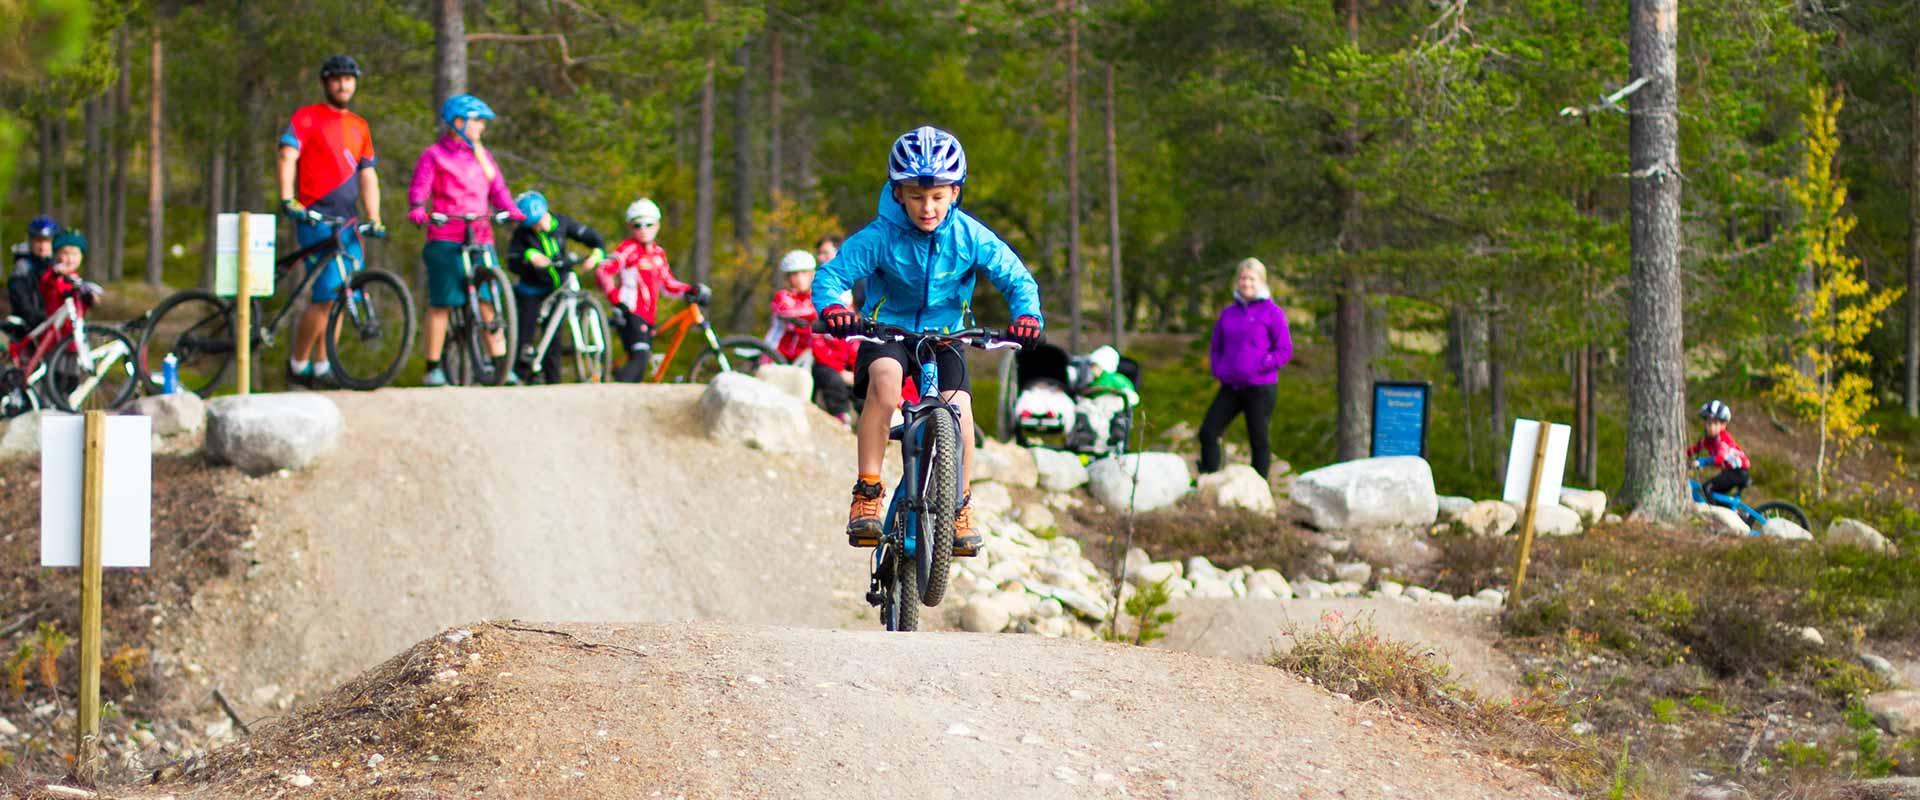 Idre Fjäll cykelleder